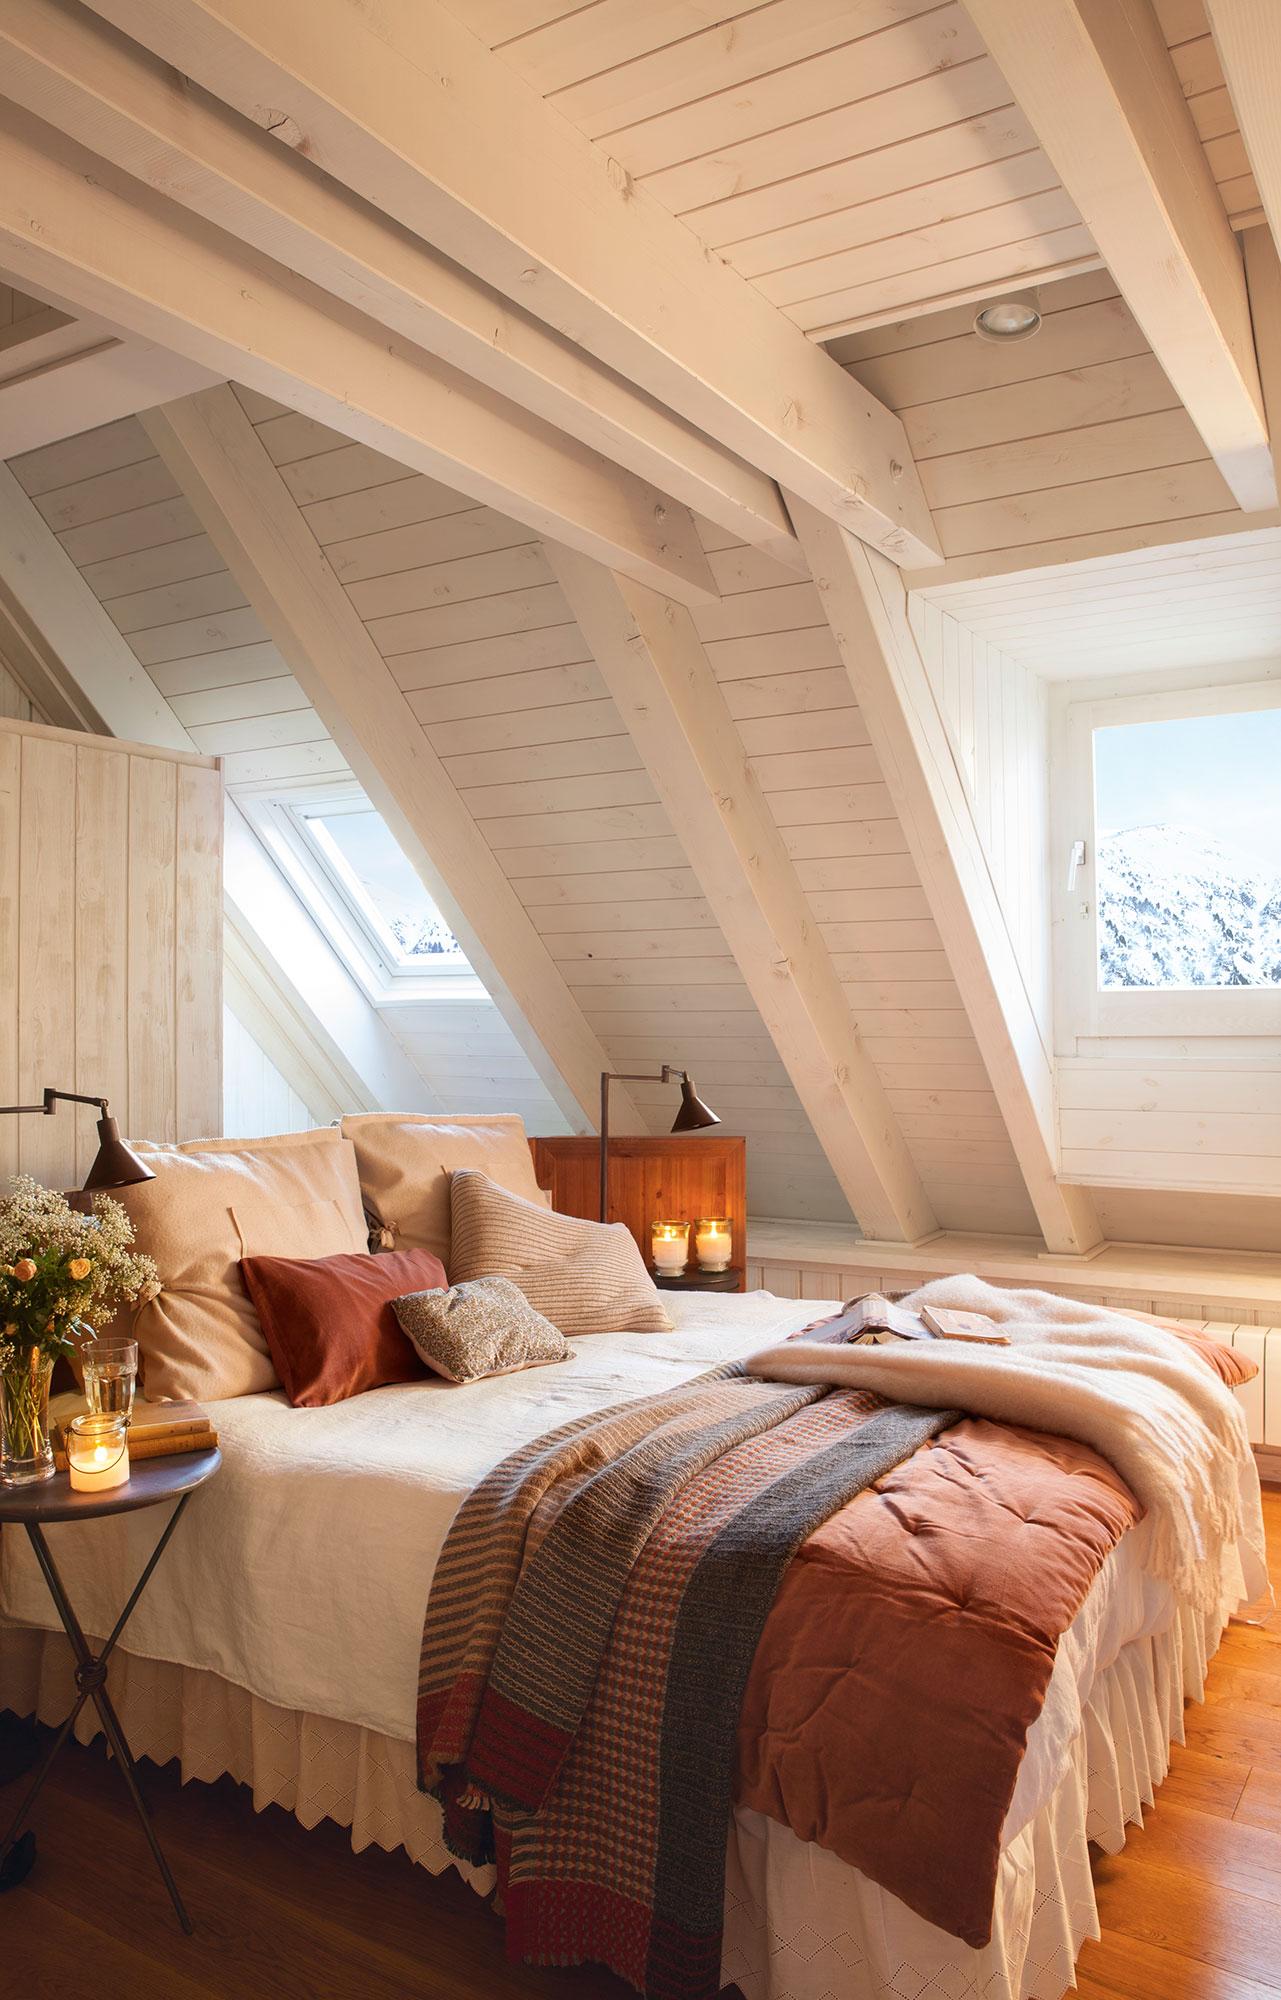 15 dormitorios r sticos decorativos y con buenas ideas - Dormitorios en buhardillas ...